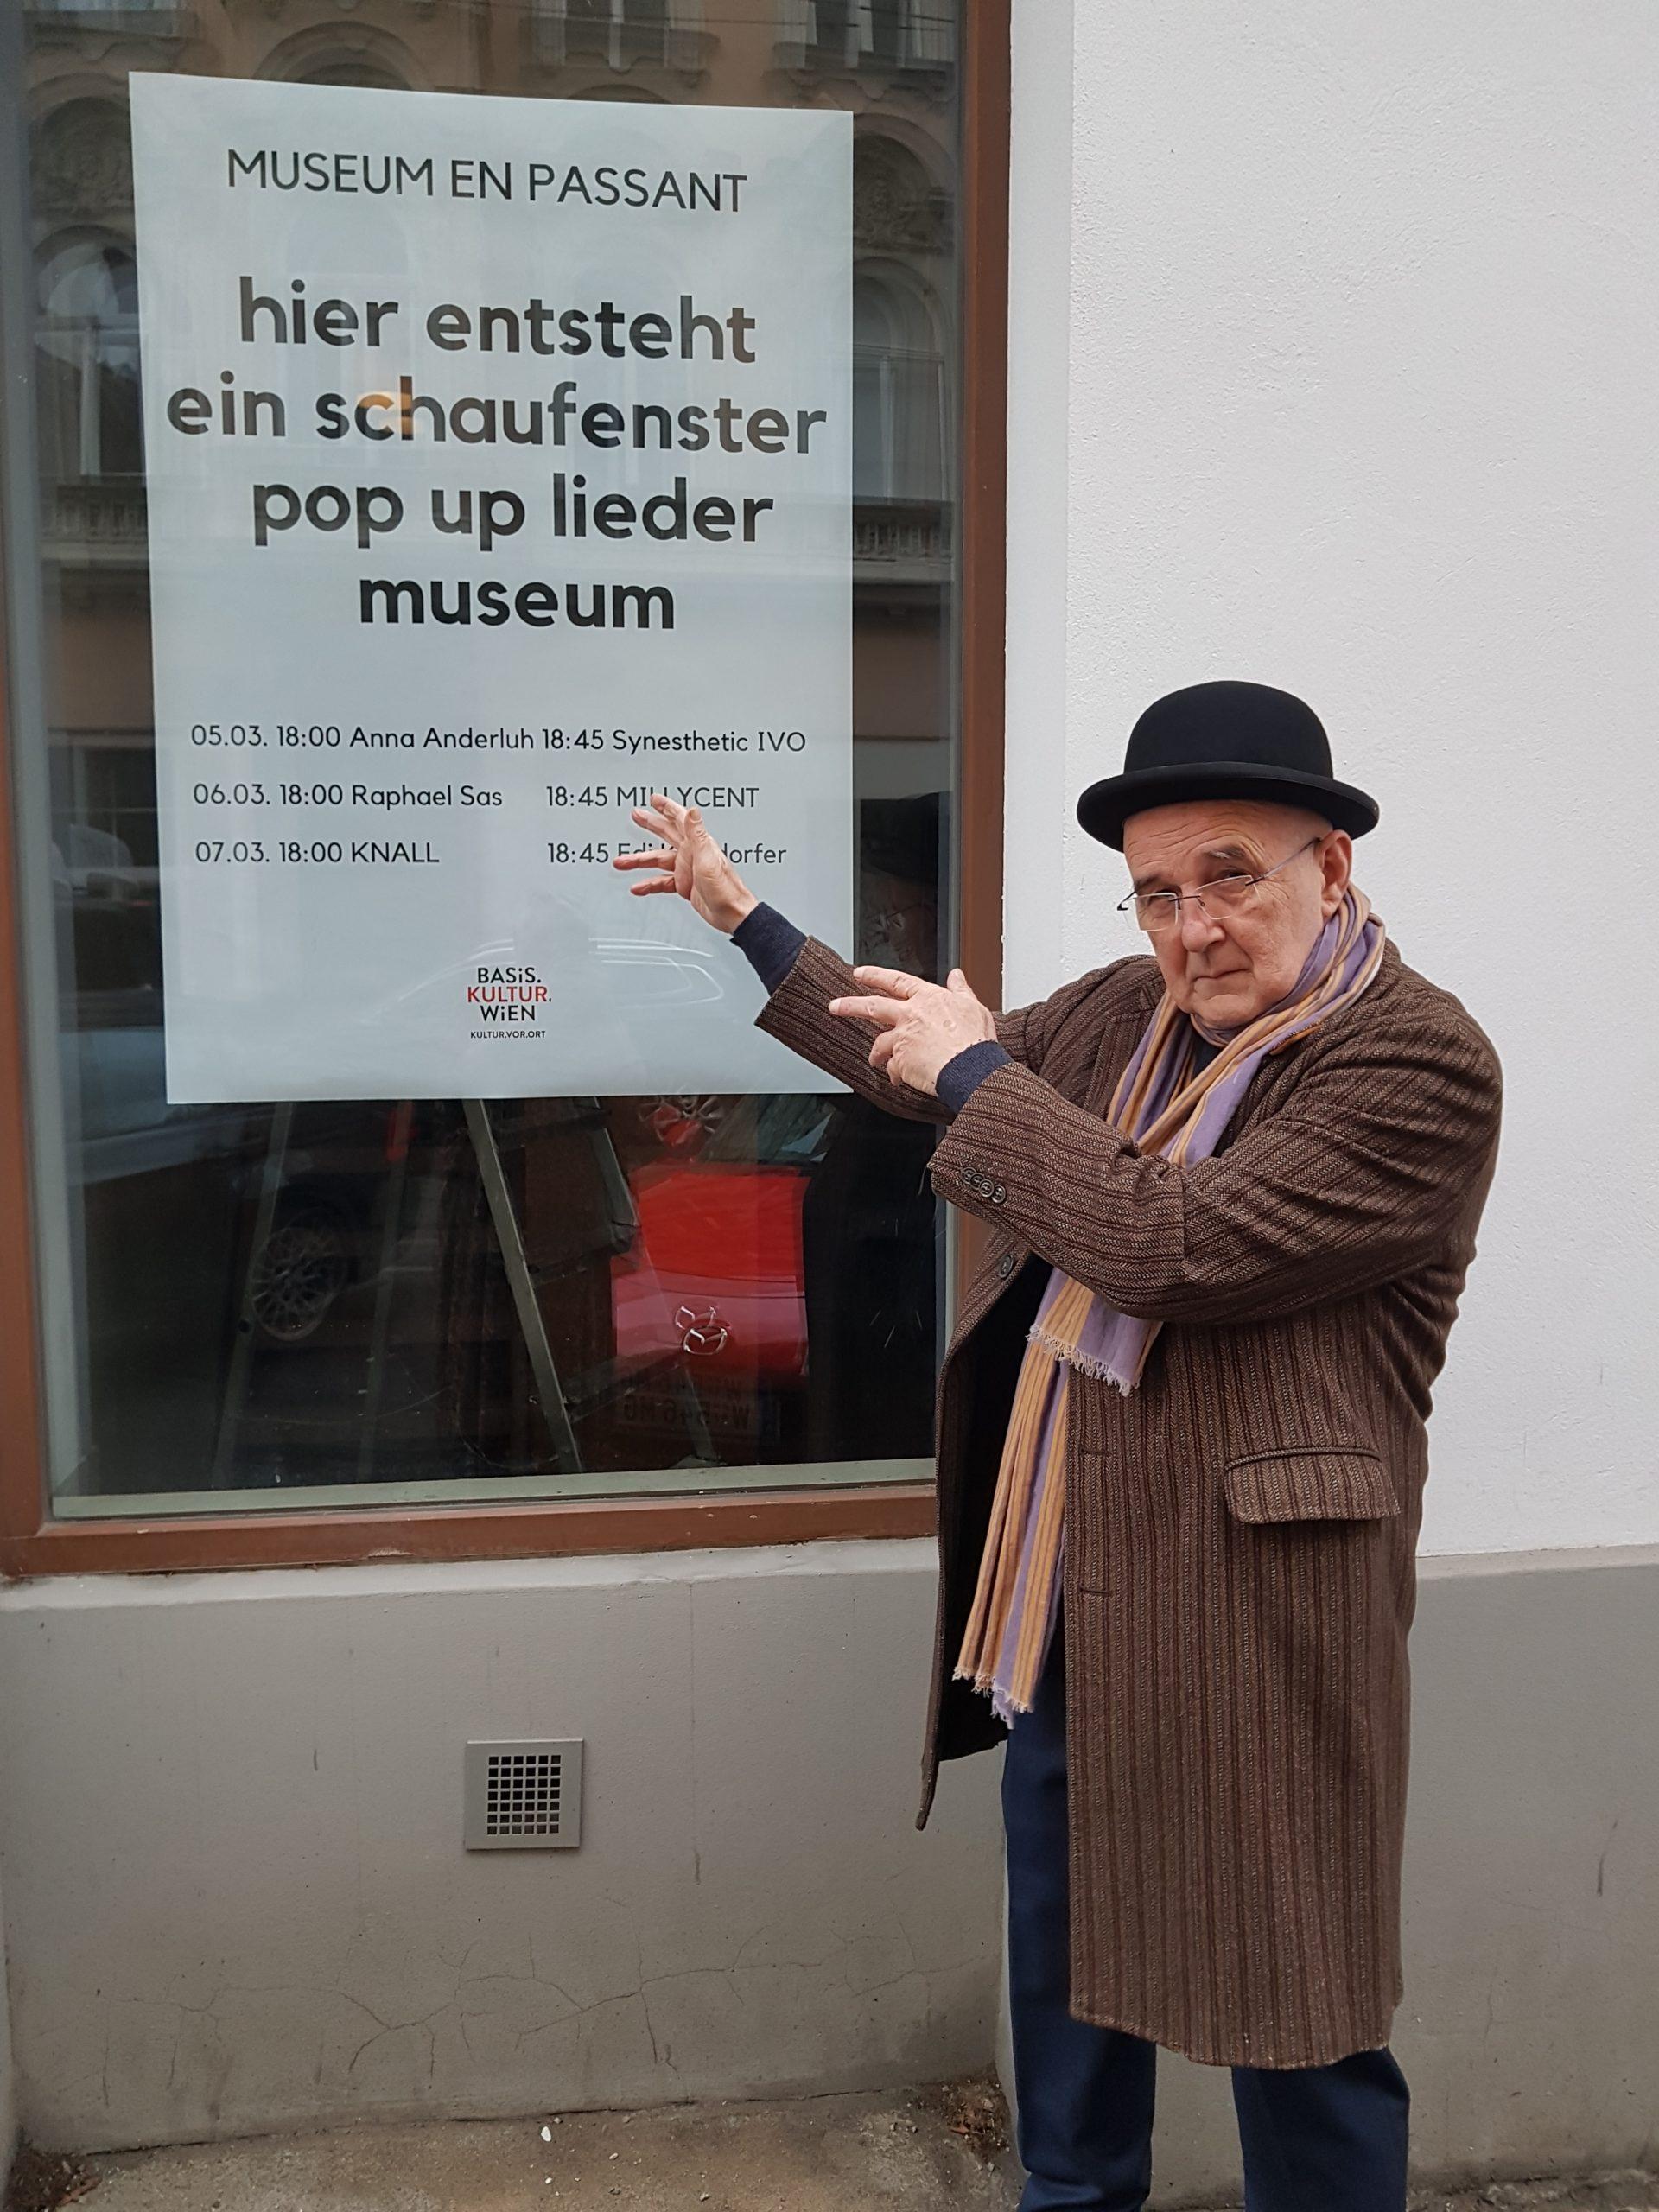 MUSEUM EN PASSANT - POP-UP LIEDER-MUSEUM IN WIEDEN!